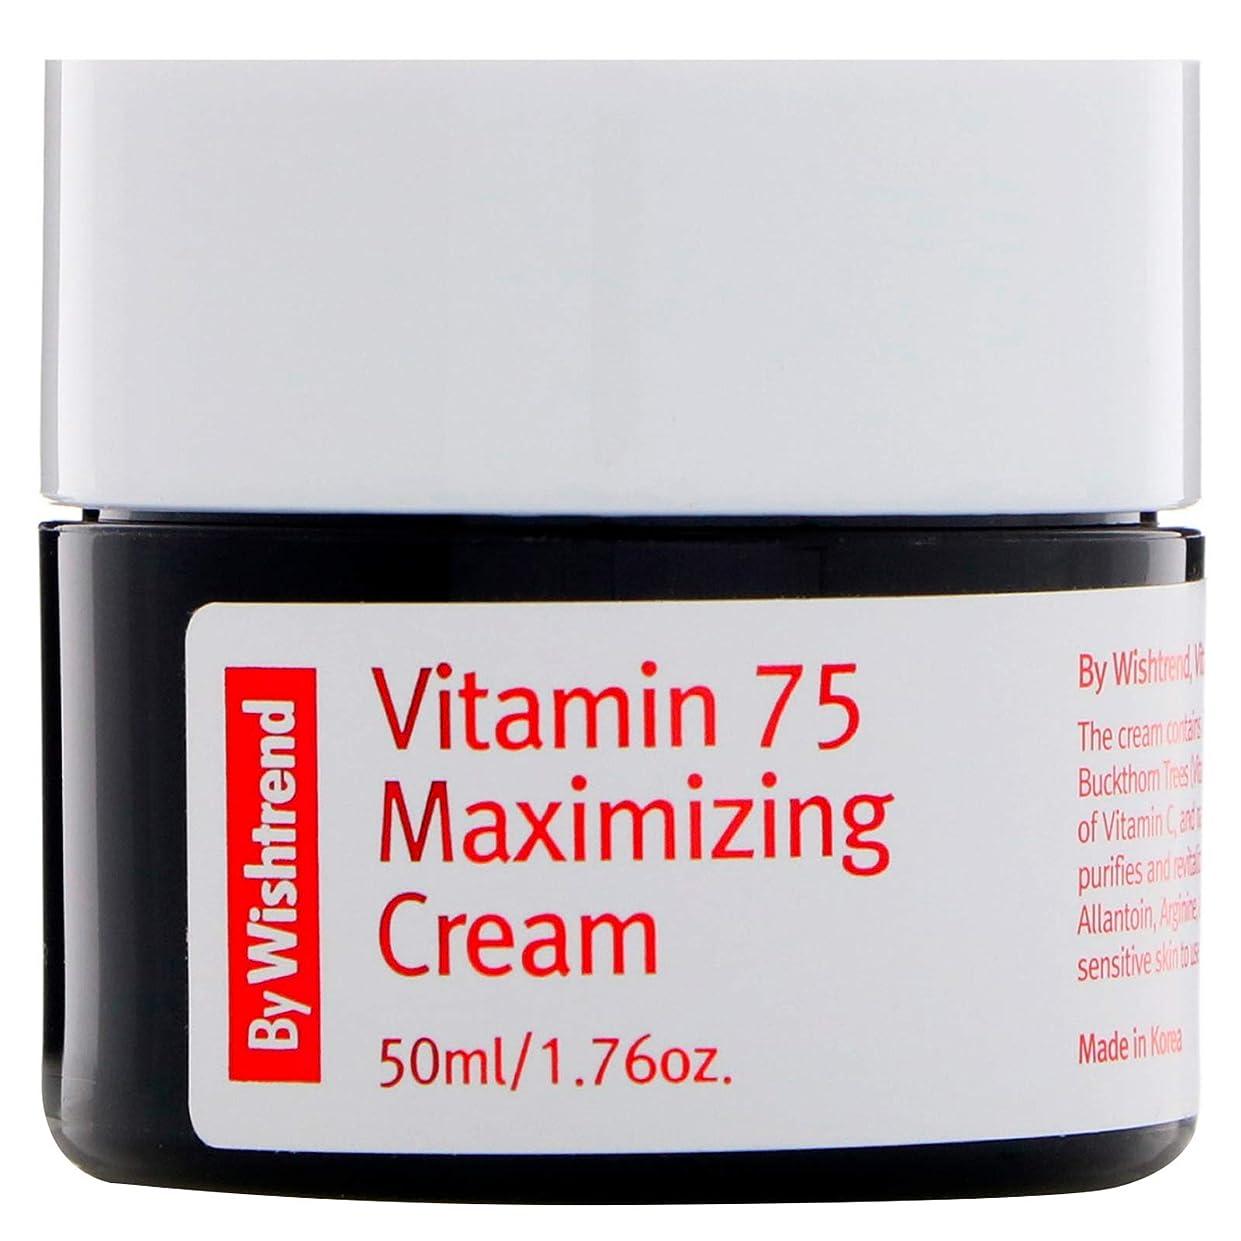 自動的にオーストラリア人と闘う[BY WISHTREND]ビタミン75 マキシマイジング クリーム, Vitamin 75 Maximizing Cream [並行輸入品]